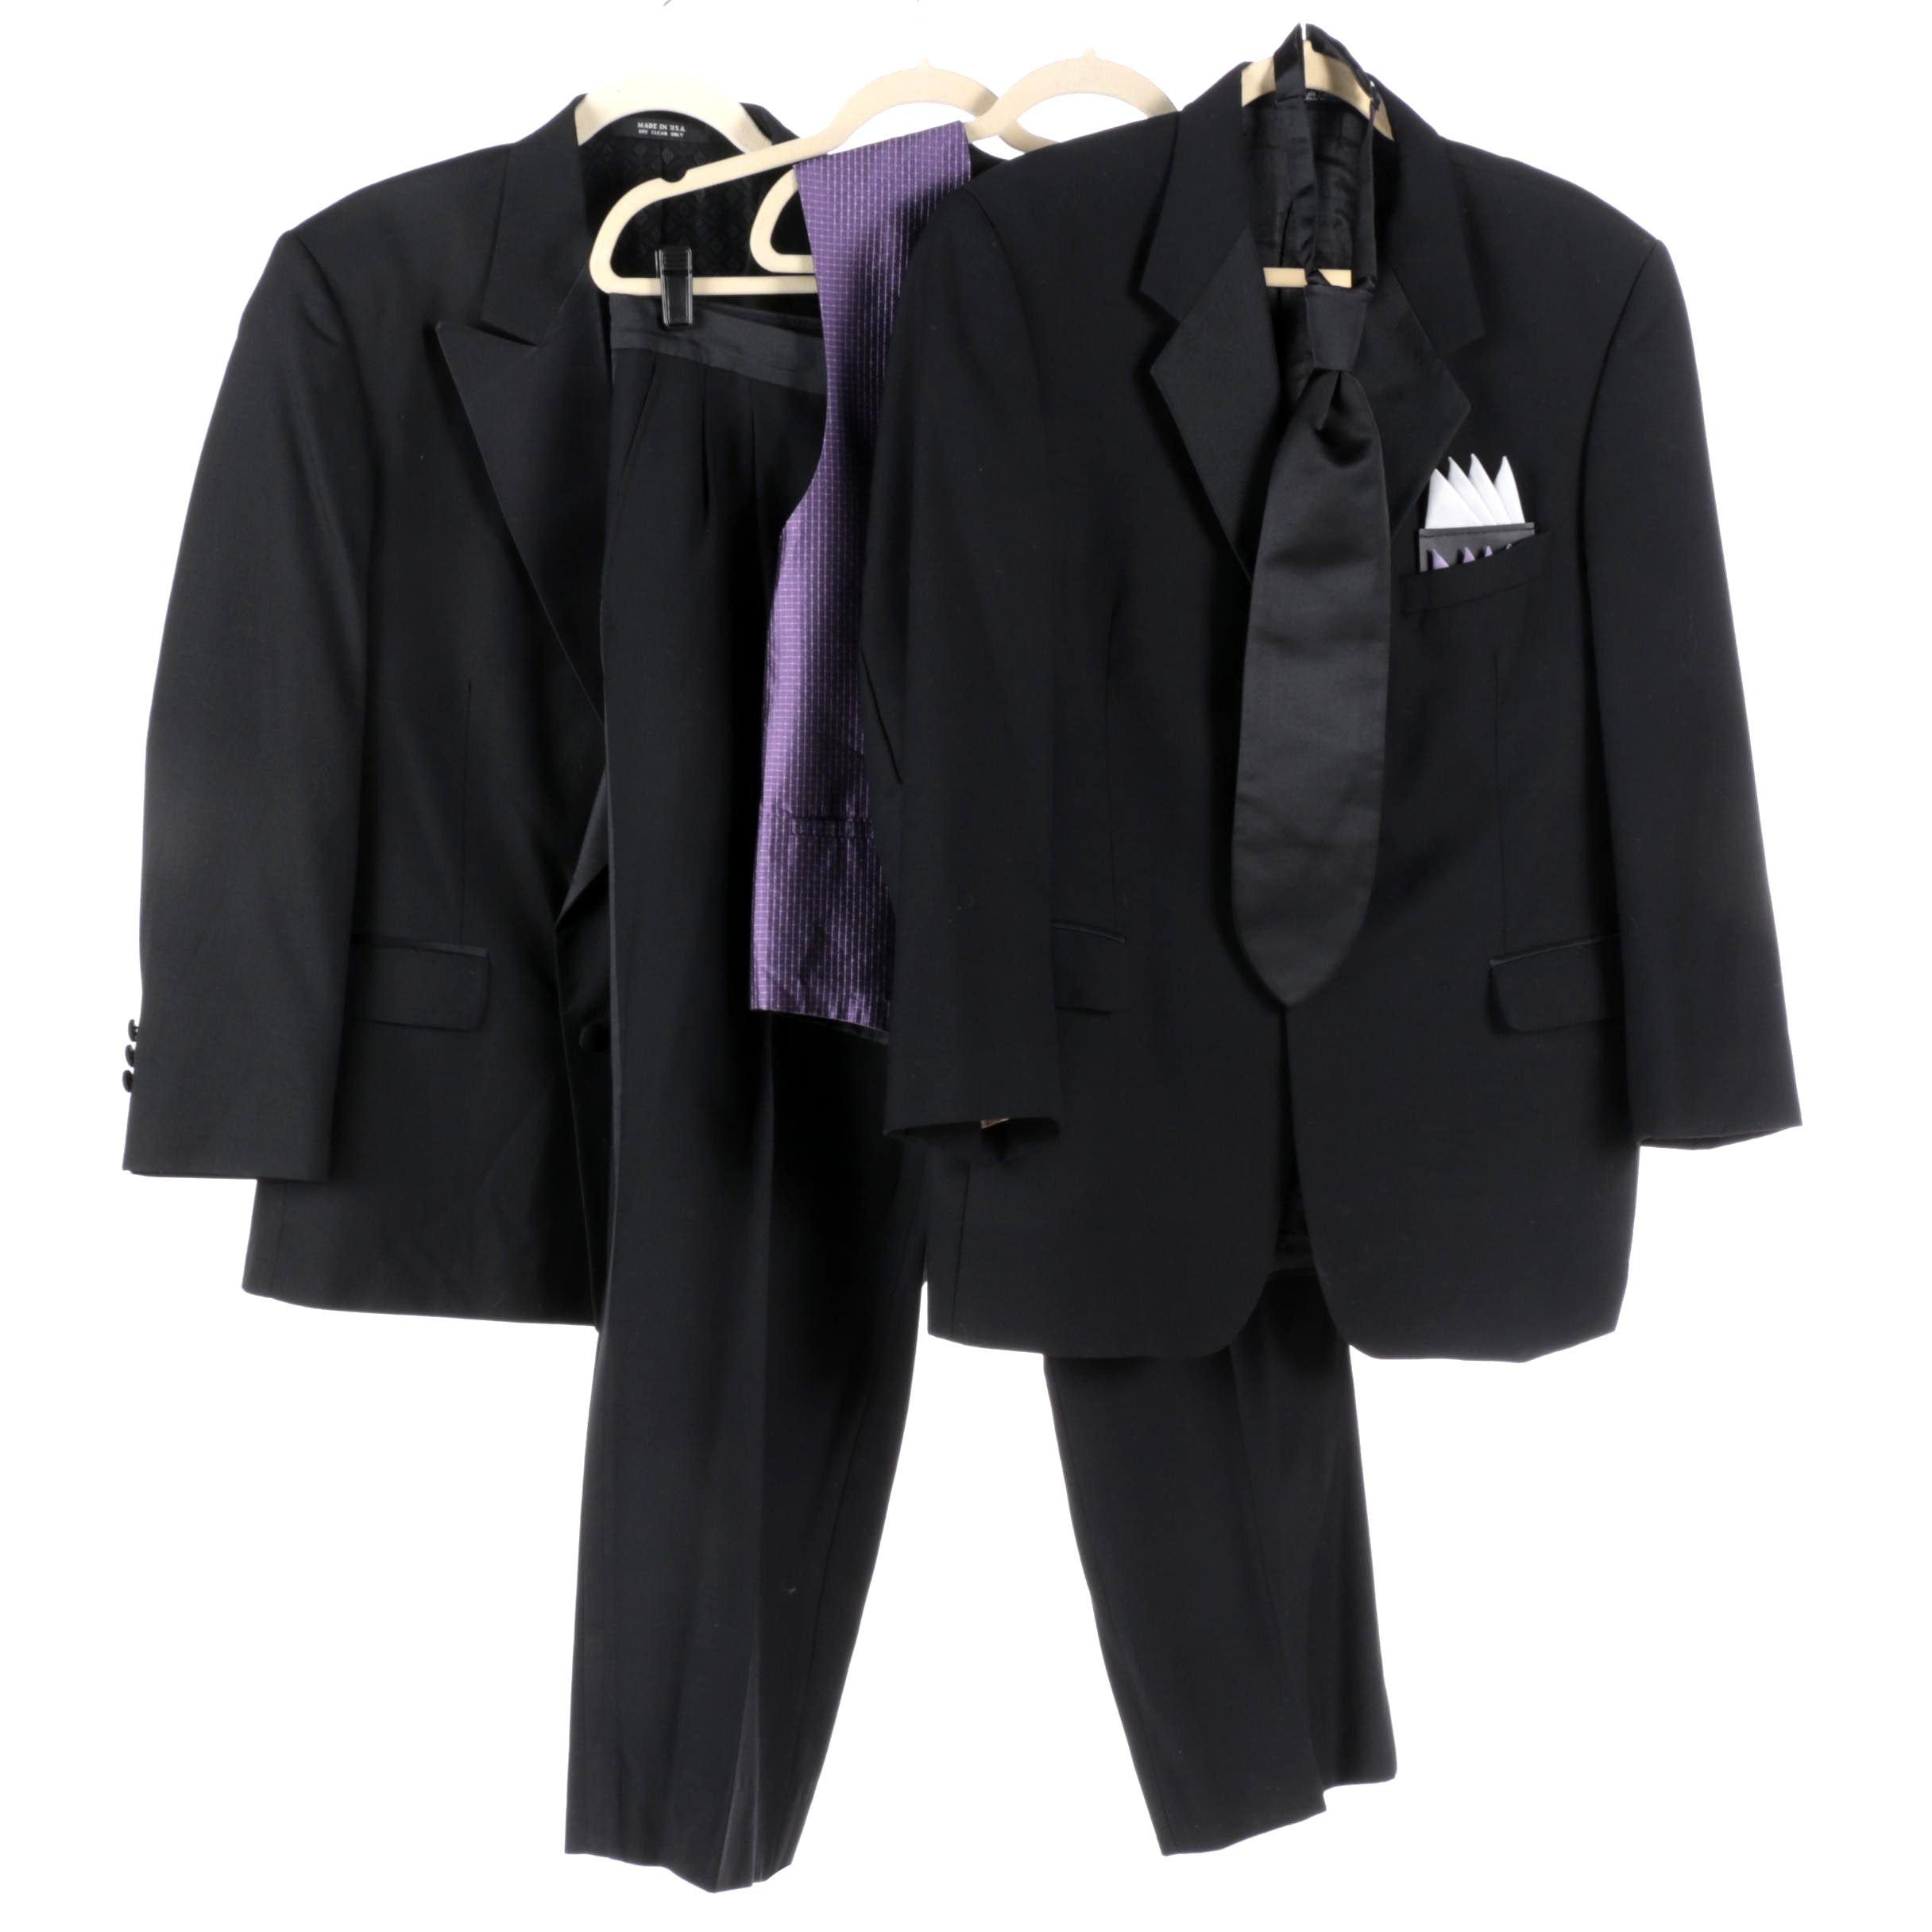 Men's Tuxedo, Jacket, Vest and Necktie